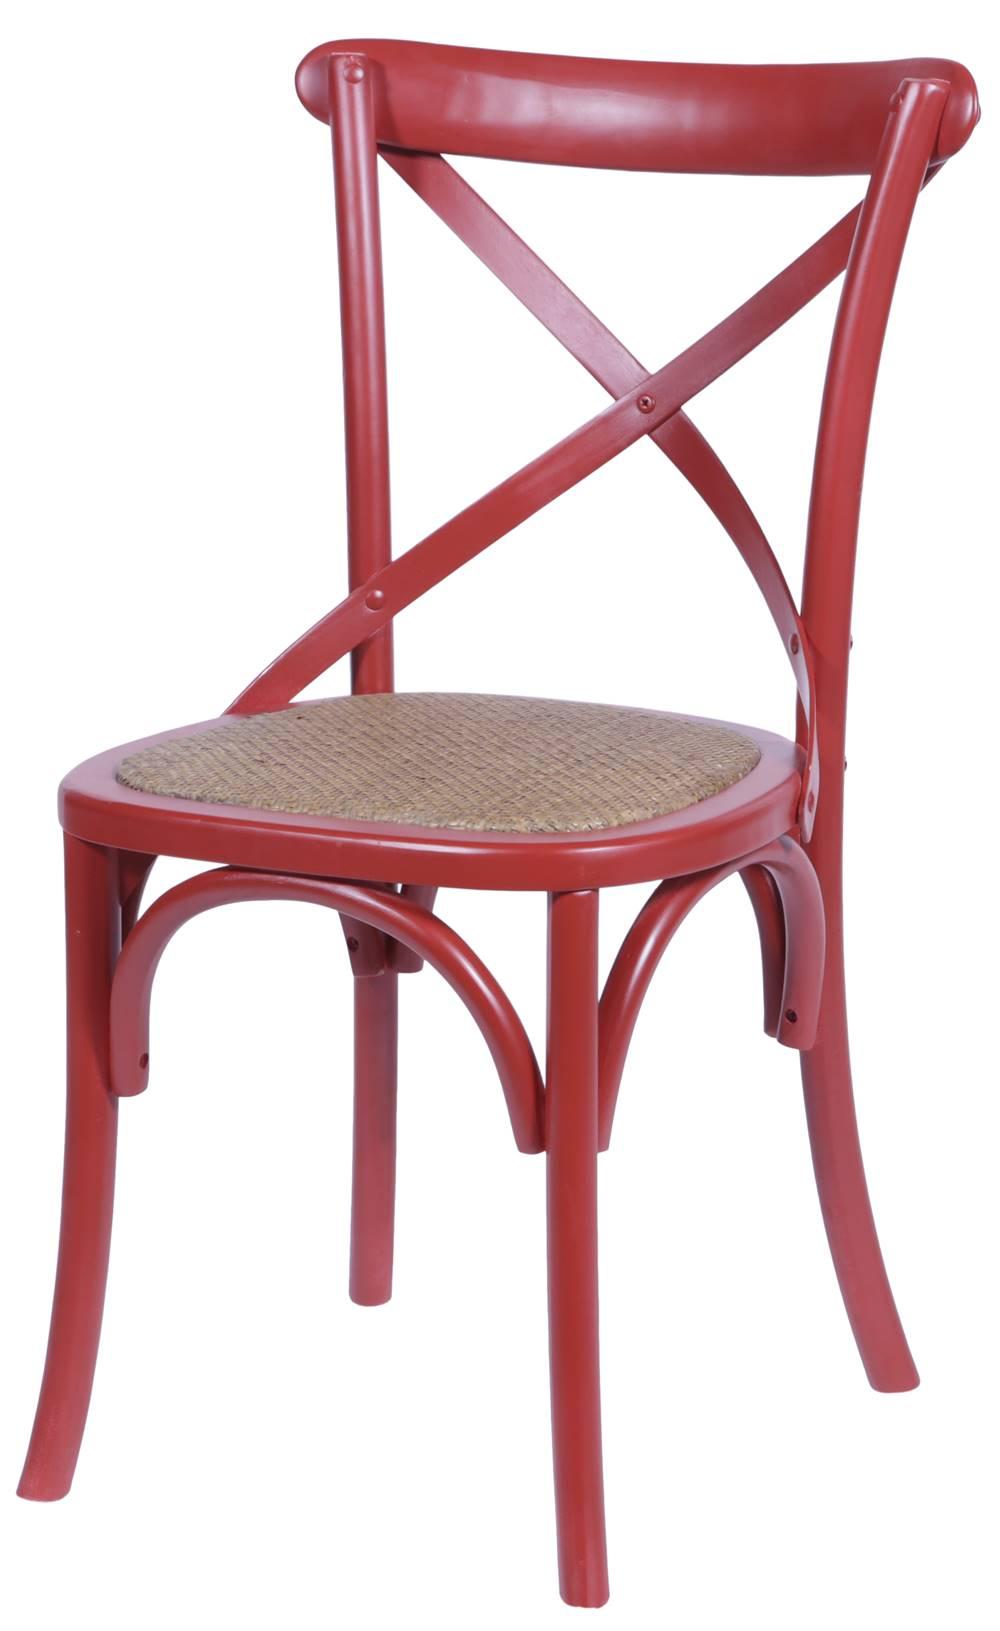 Cadeira Katrina Vermelha Laqueada com Assento Rattan  - 30751